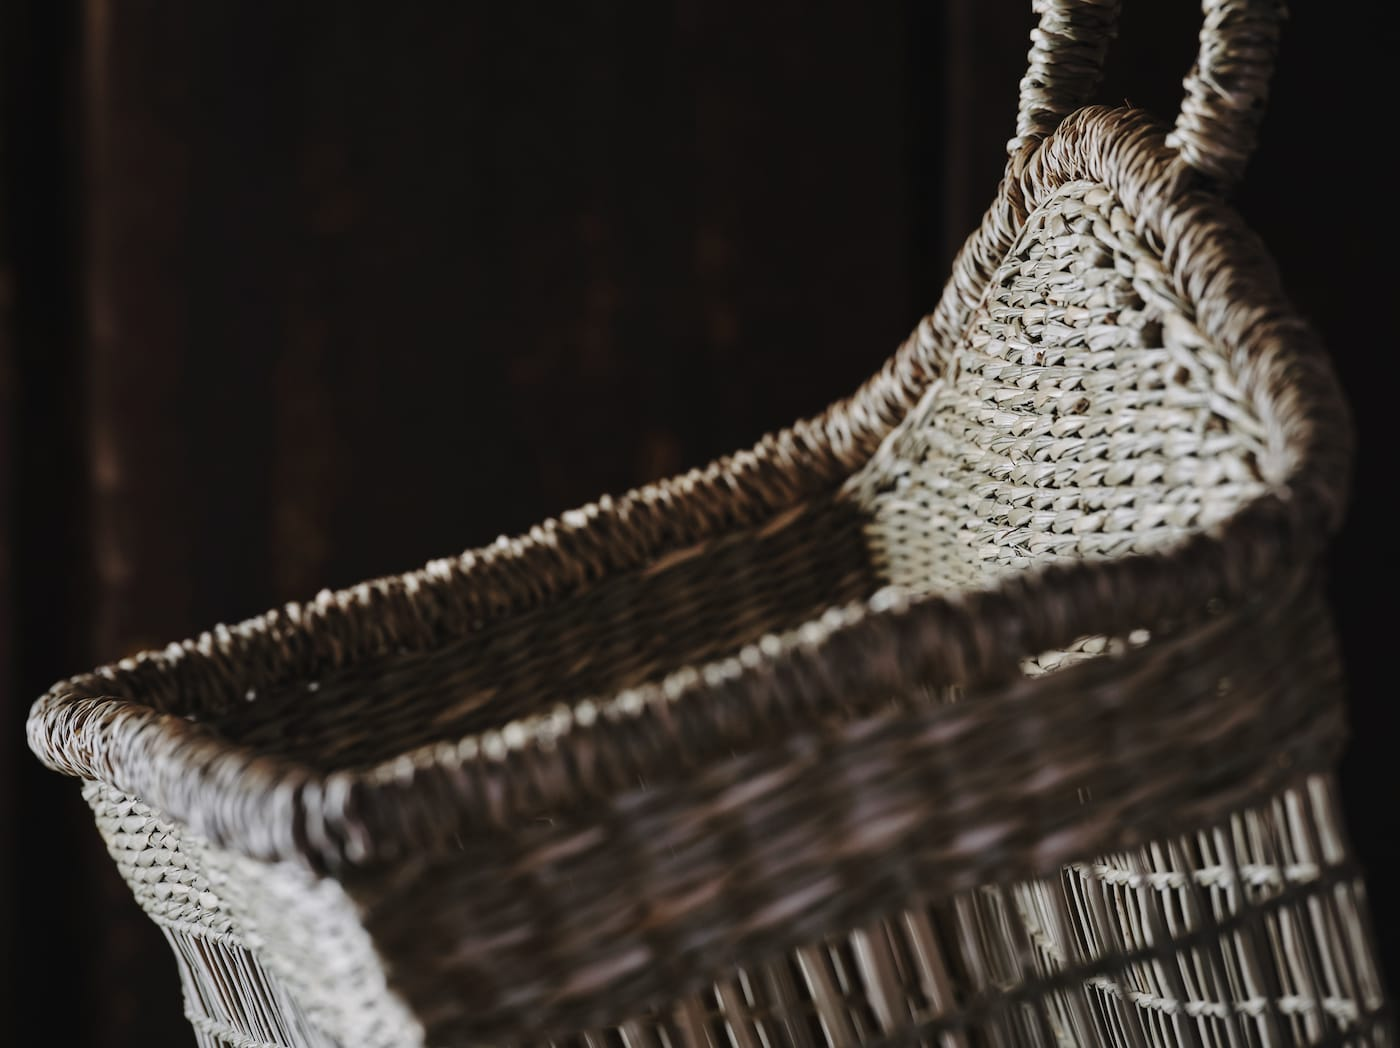 在昏暗的环境中,有一个天然水草编织成的LUSTIGKURRE 卢迪古里 篮子,配有一个把手。